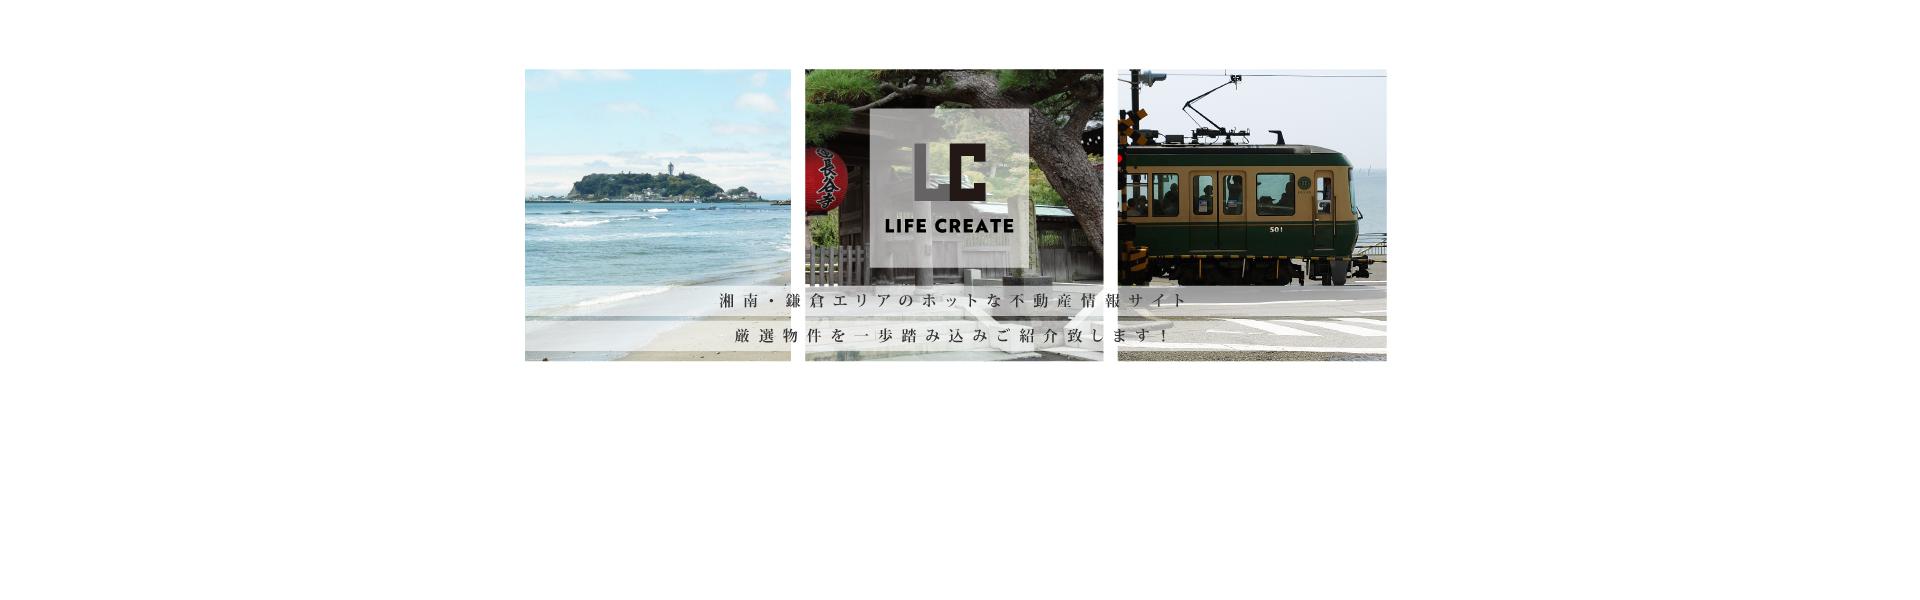 湘南・鎌倉市周辺の売買物件「ライフクリエイト」